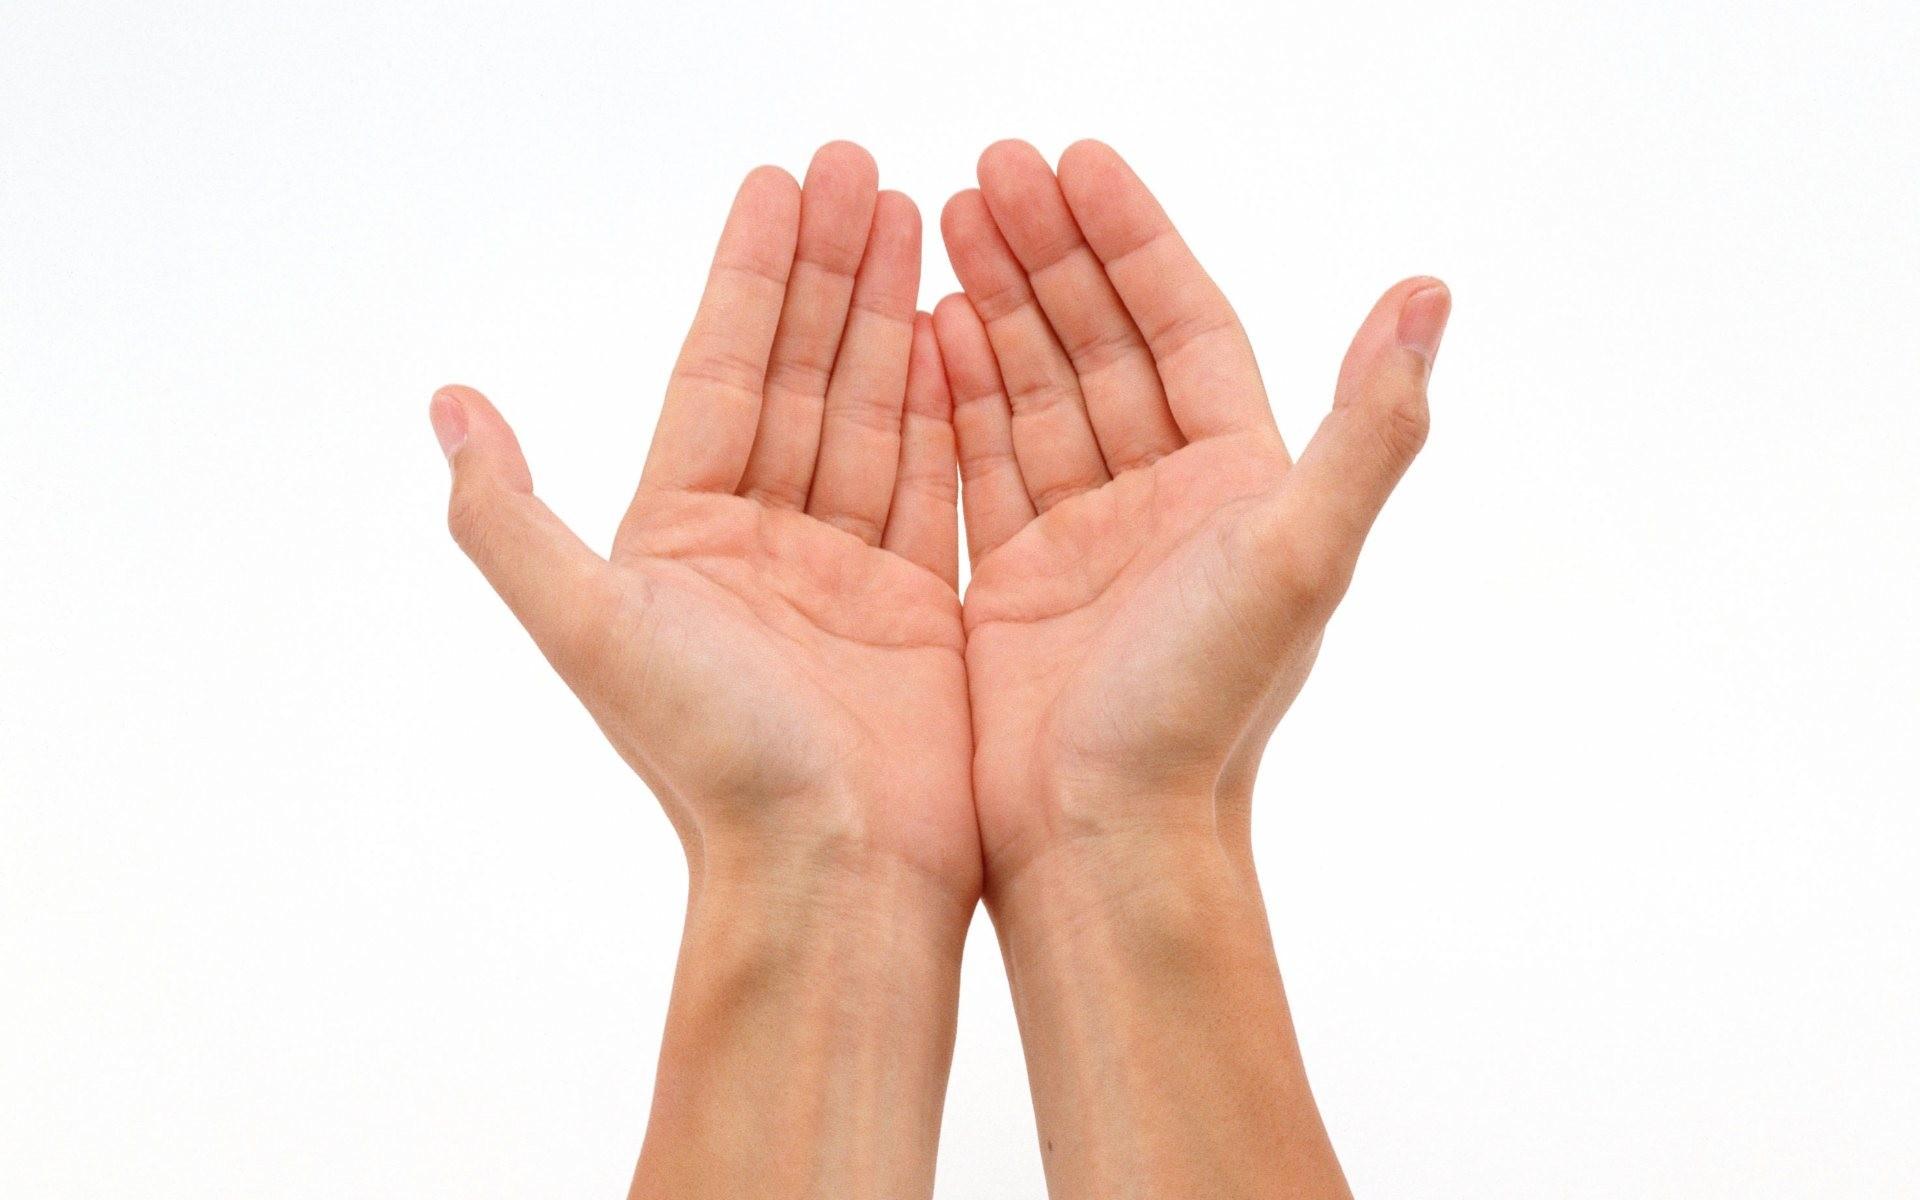 Resultado de imagen de hands